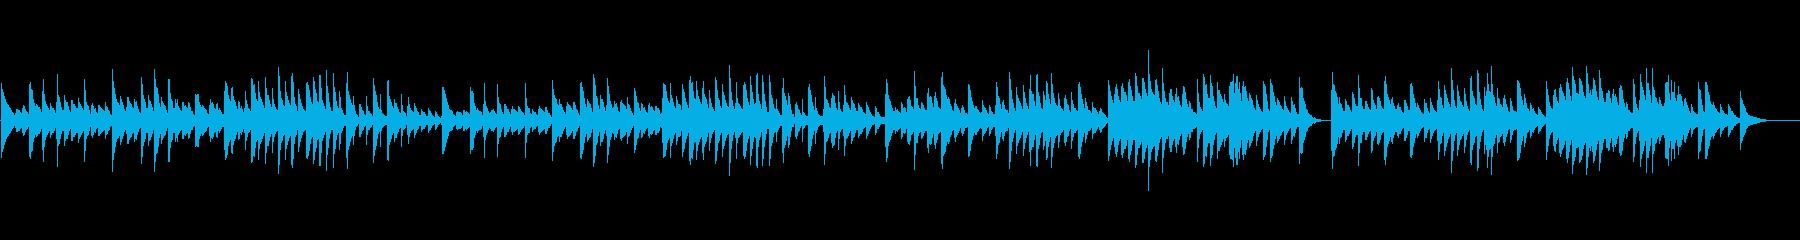 チェルニーNo.66、穏やかなピアノの再生済みの波形